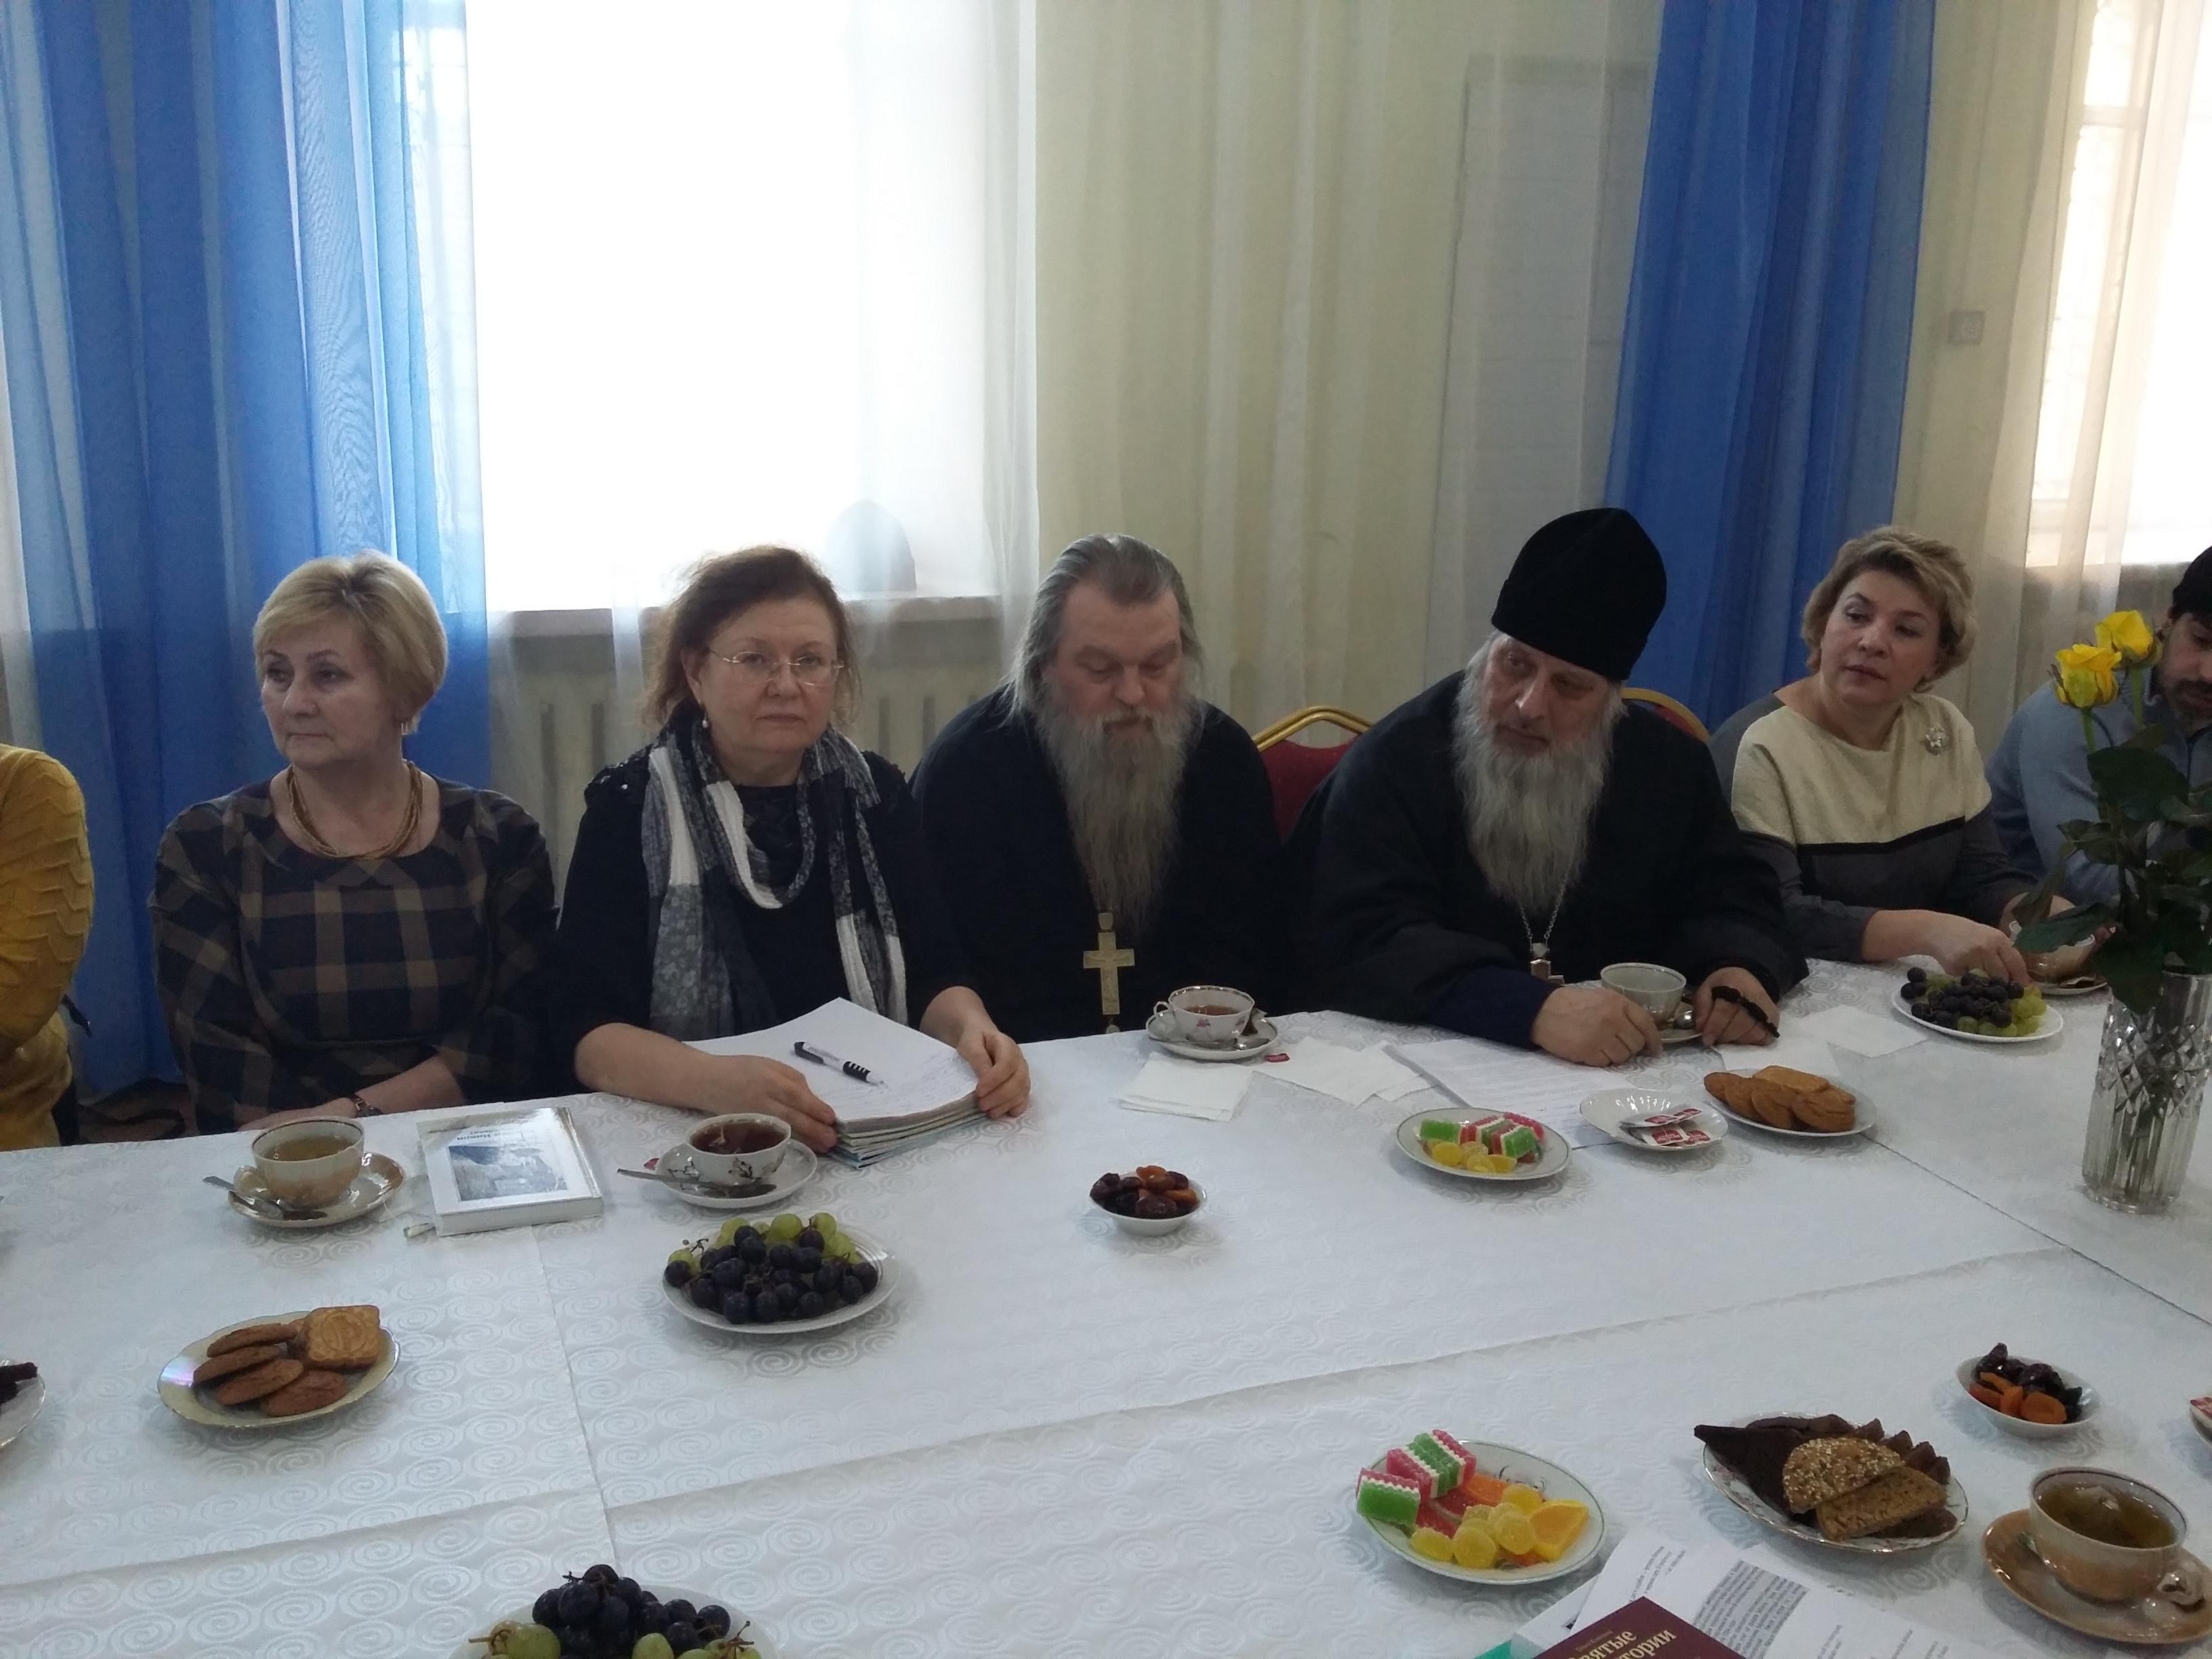 Перинатальный центр дзержинск официальный сайт расписание врачей